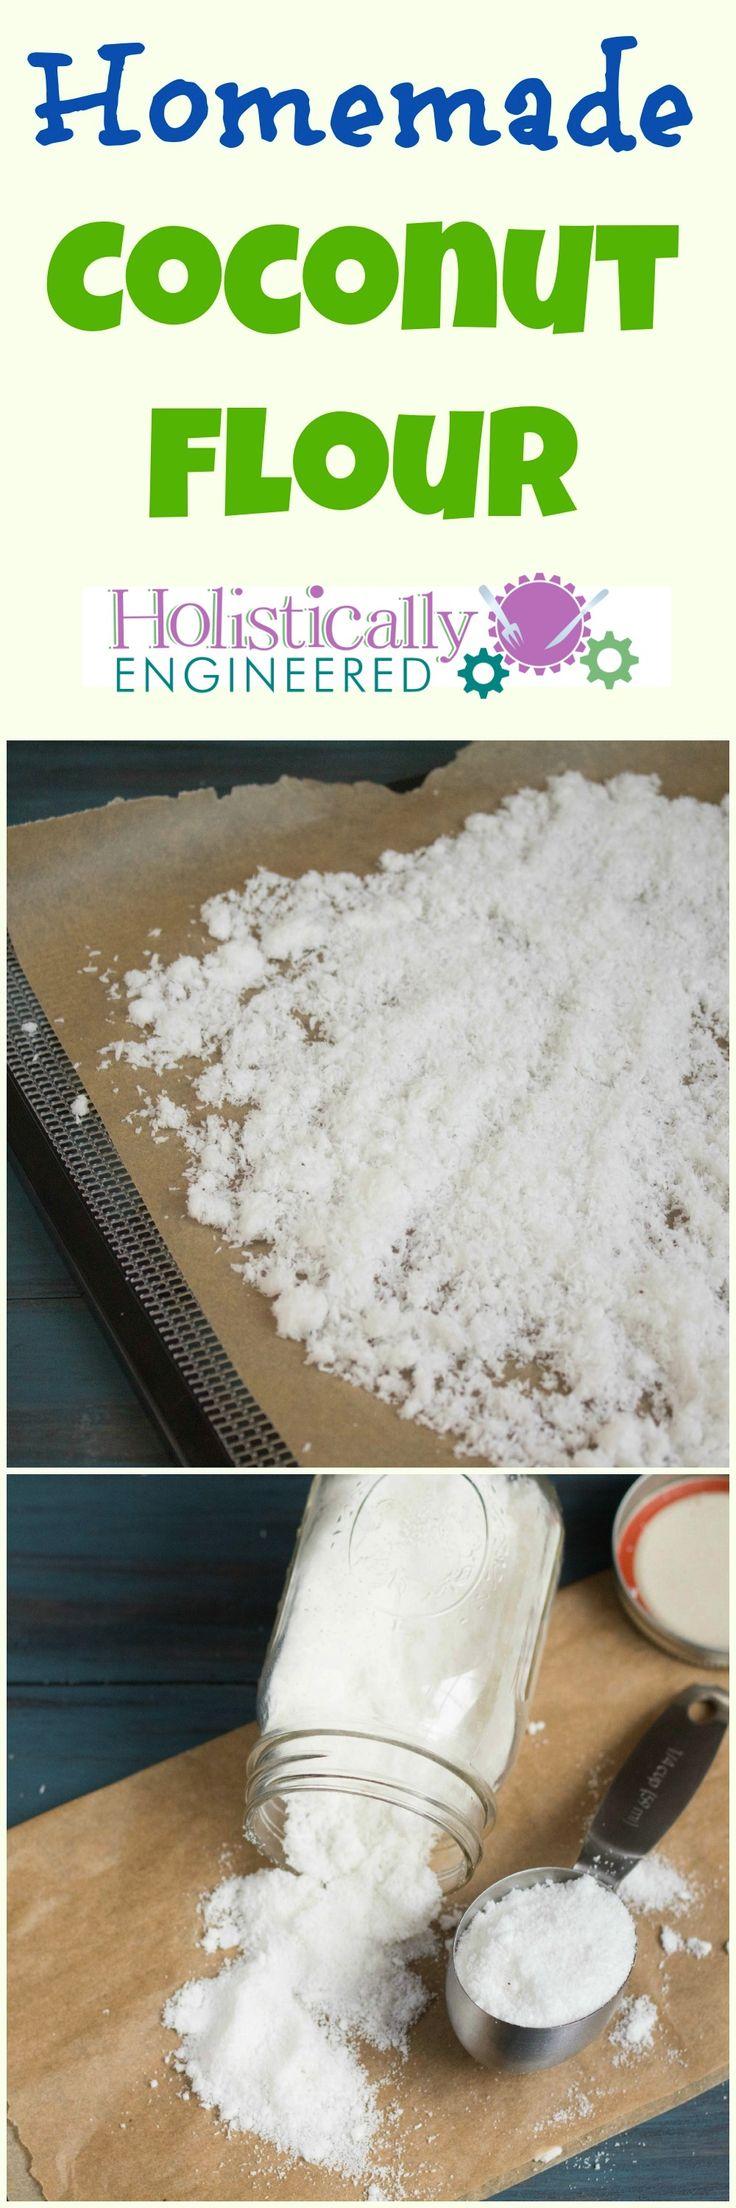 Homemade Coconut Flour | holisticallyengineered.com #paleo #grainfree #lowcarb